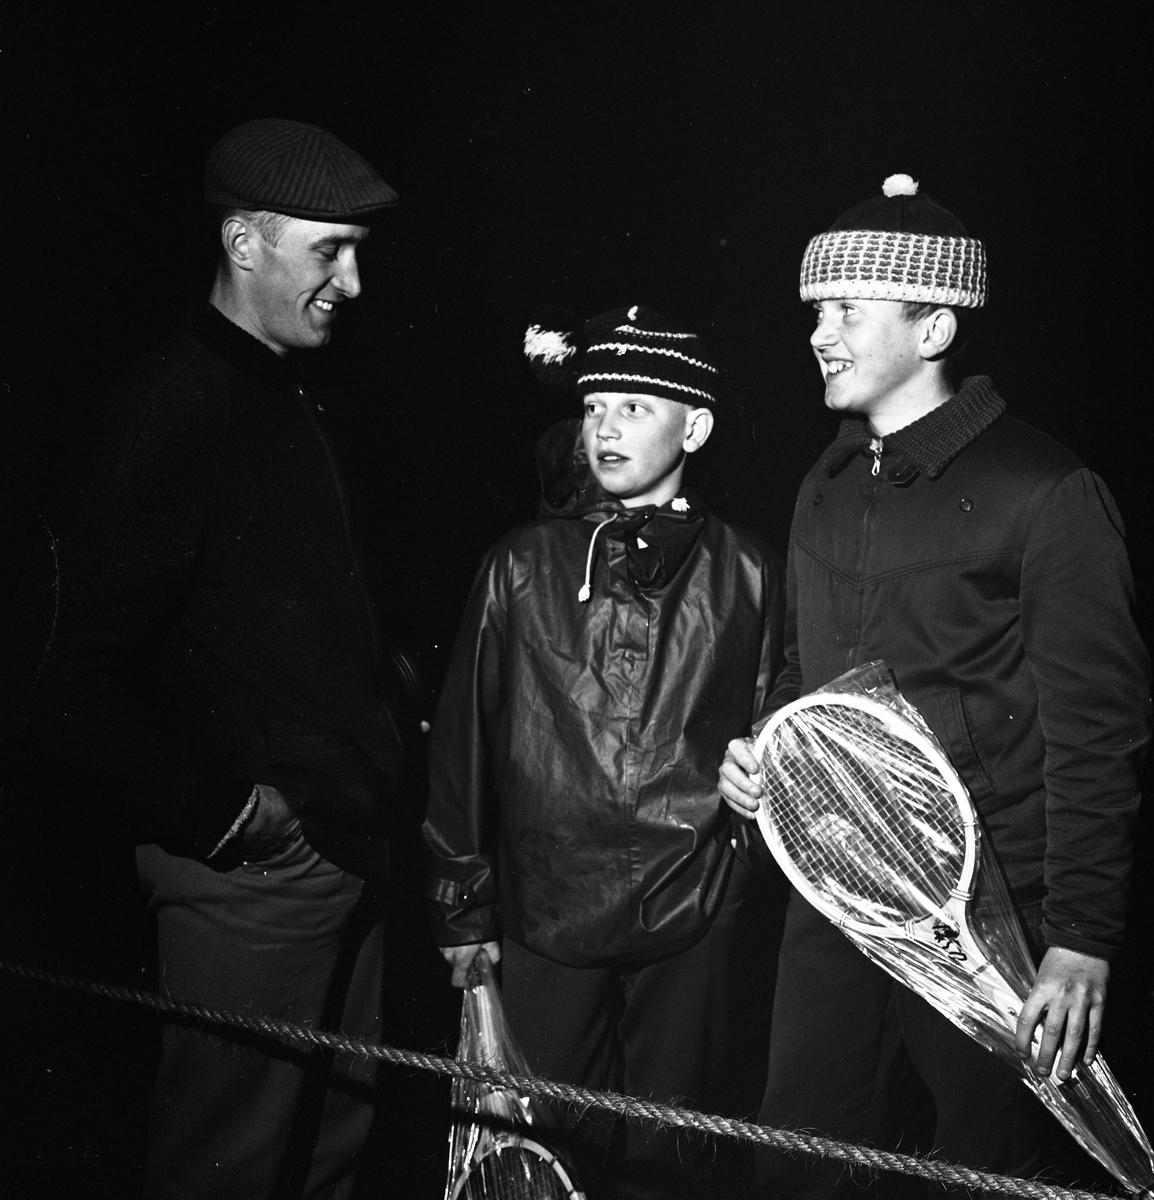 Arboganatta, orienteringstävling. En man och två pojkar, alla i ytterkläder. Pojkarna håller i var sitt badmintonracket. Det är så mörkt att inget annat syns i bilden.